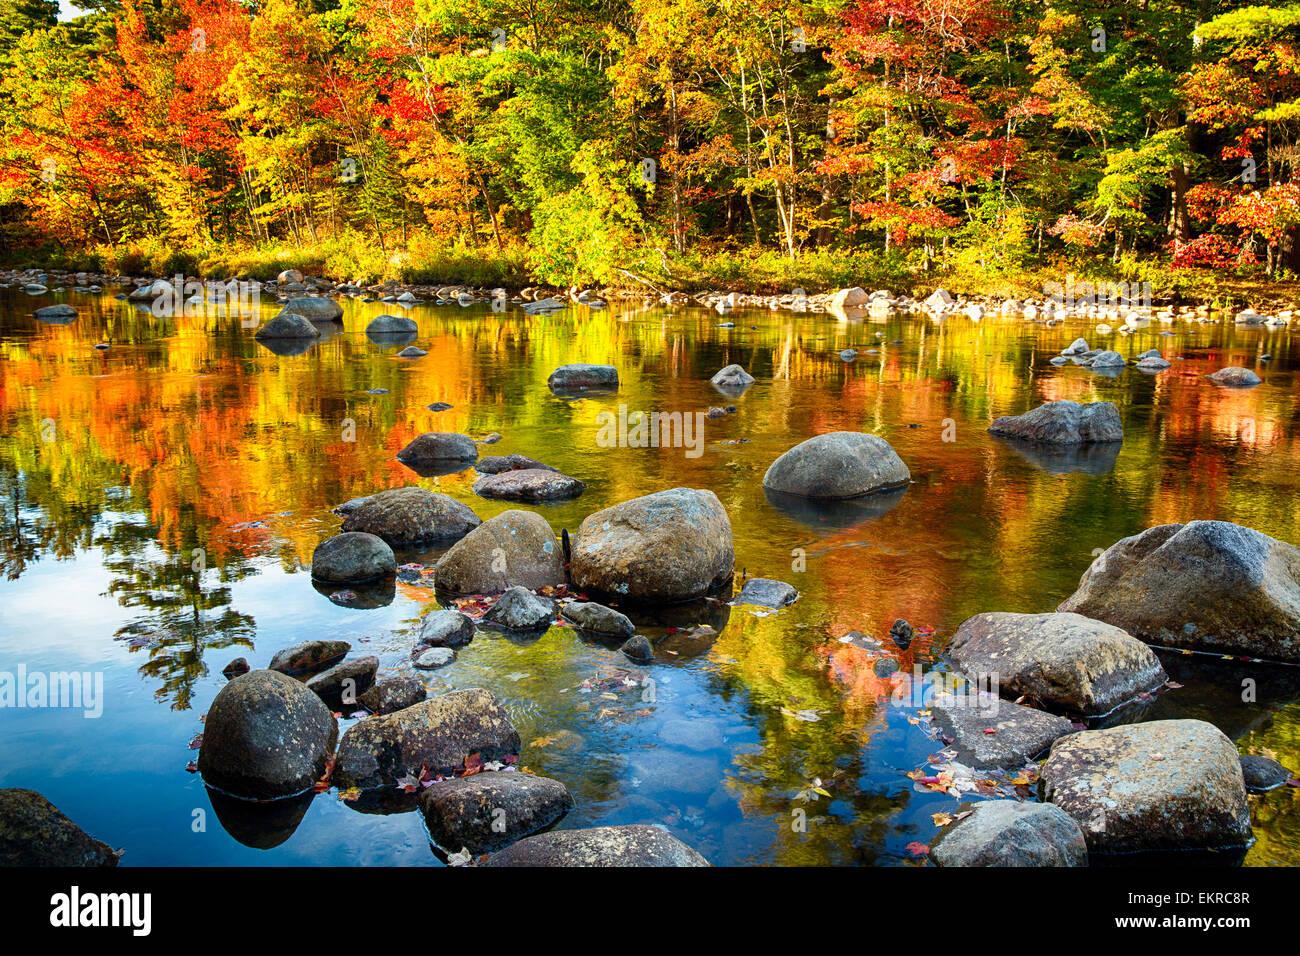 Blick auf einen Fluss mit Felsen und bunte Laub Reflexionen, Swift River, White Mountains National Forest, New Hampshire Stockbild